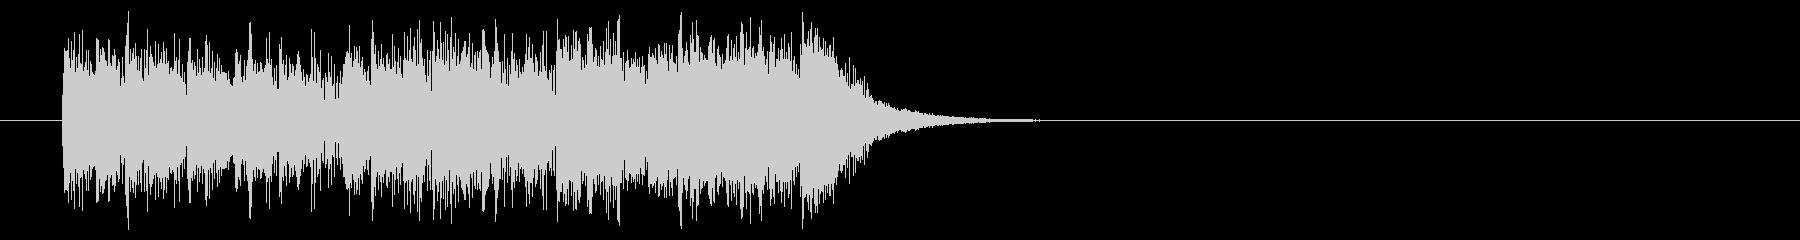 ジングル/テンポのいいポップの未再生の波形